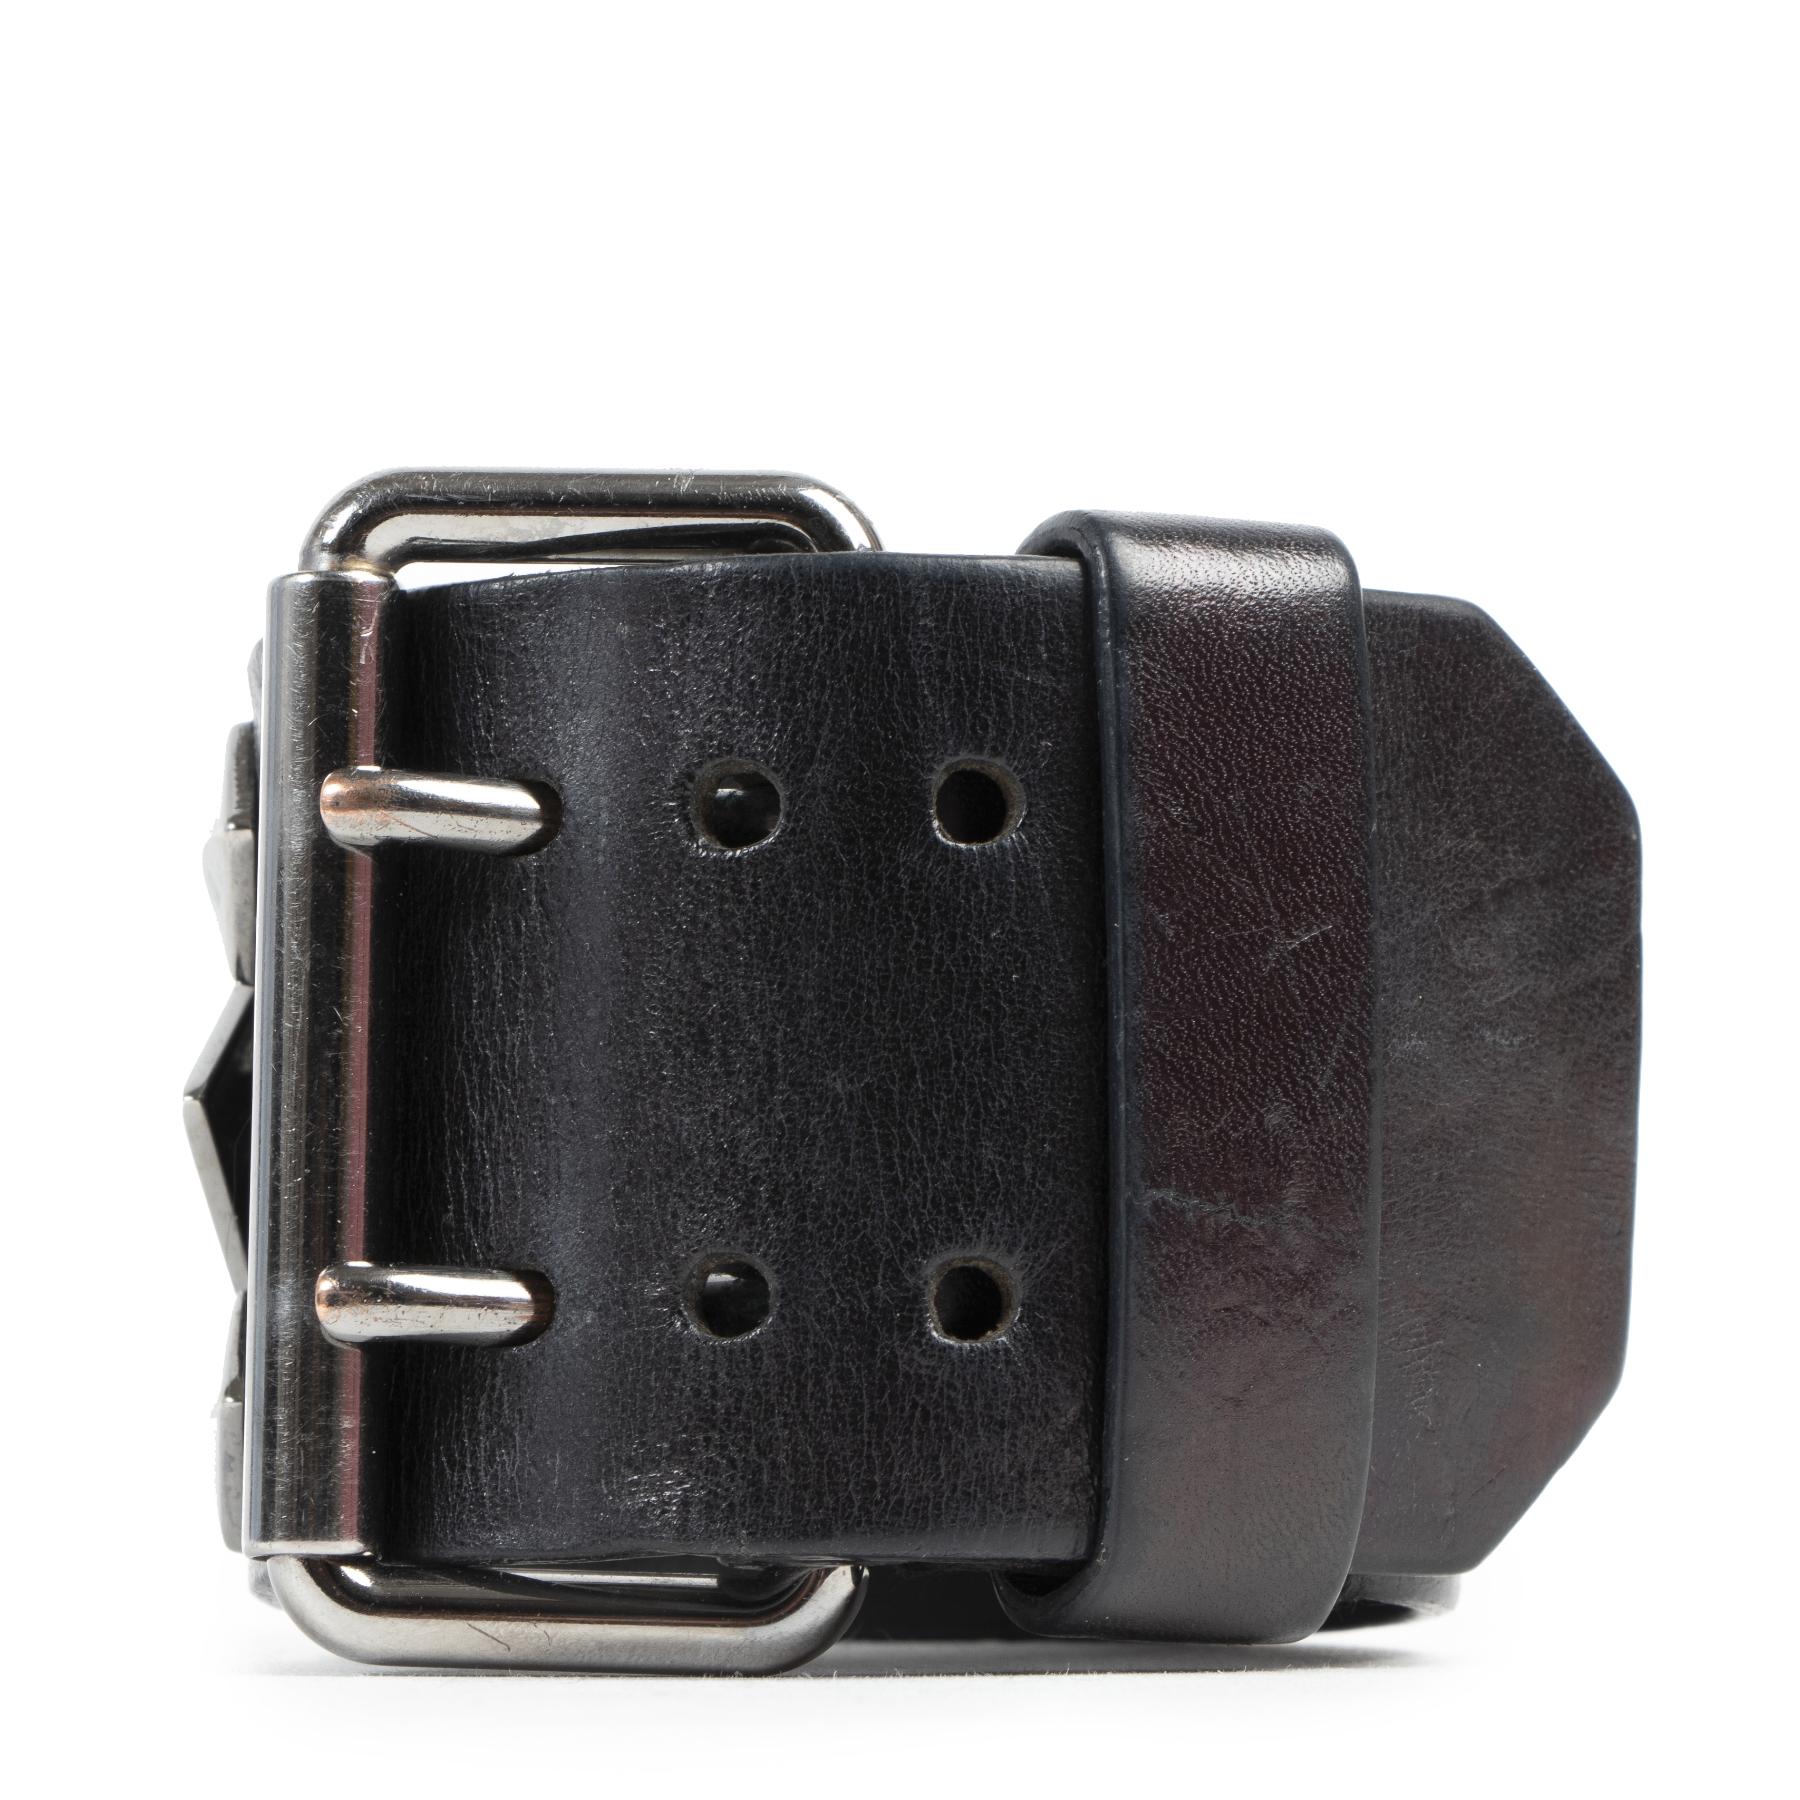 Authentieke Tweedehands Givenchy Black Leather Stud Bracelet juiste prijs veilig online shoppen luxe merken webshop winkelen Antwerpen België mode fashion